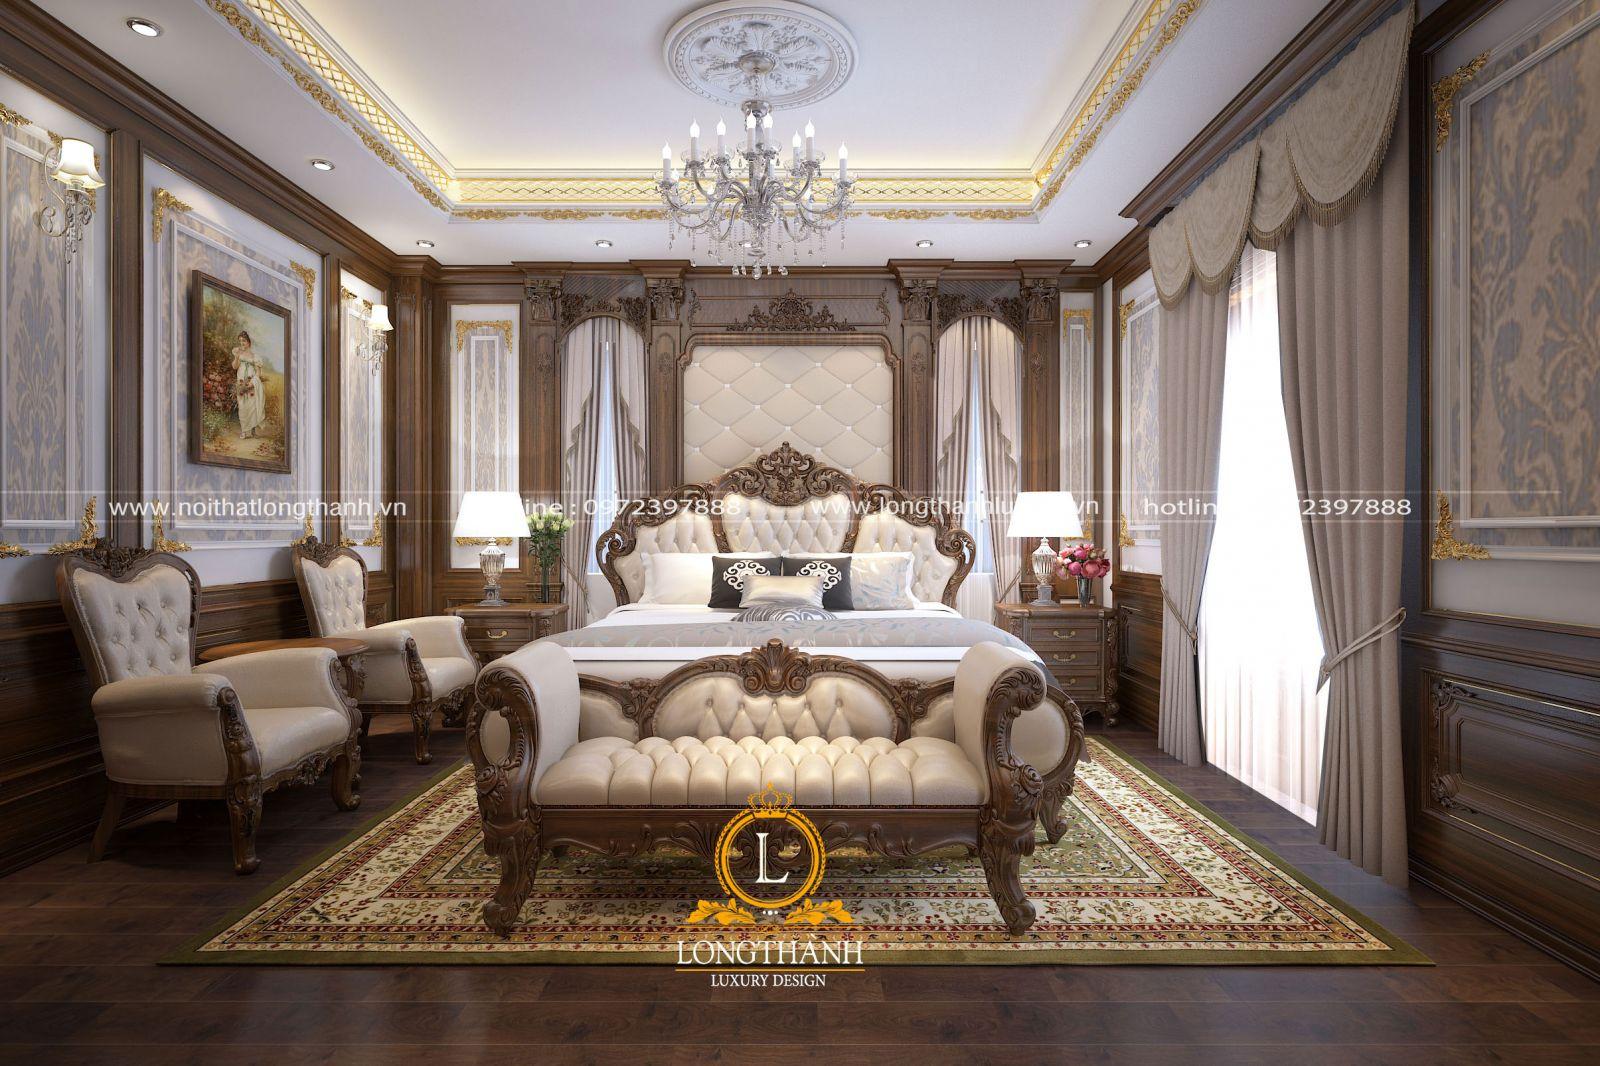 Phòng ngủ tân cổ điển sang trọng dành cho nhà phố